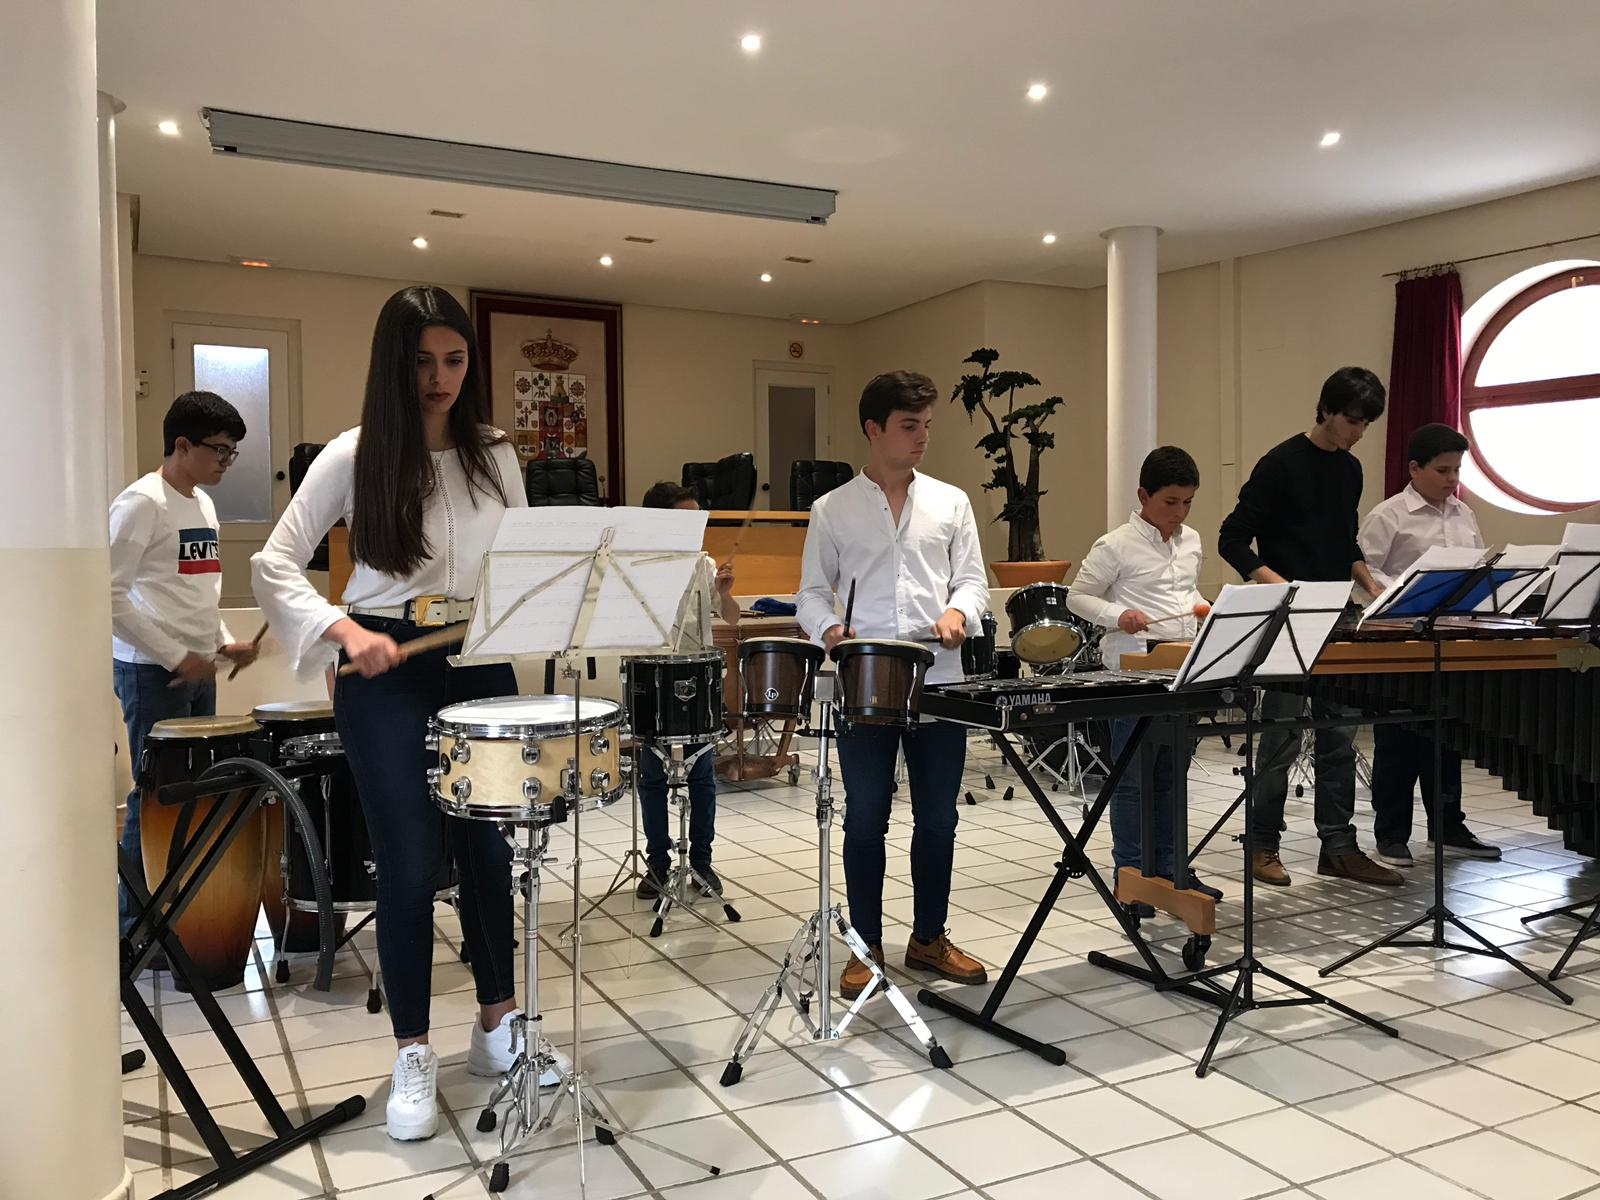 Talleres de creación de instrumentos, audiciones, concursos&#x2026 conforman la Semana Musicultural